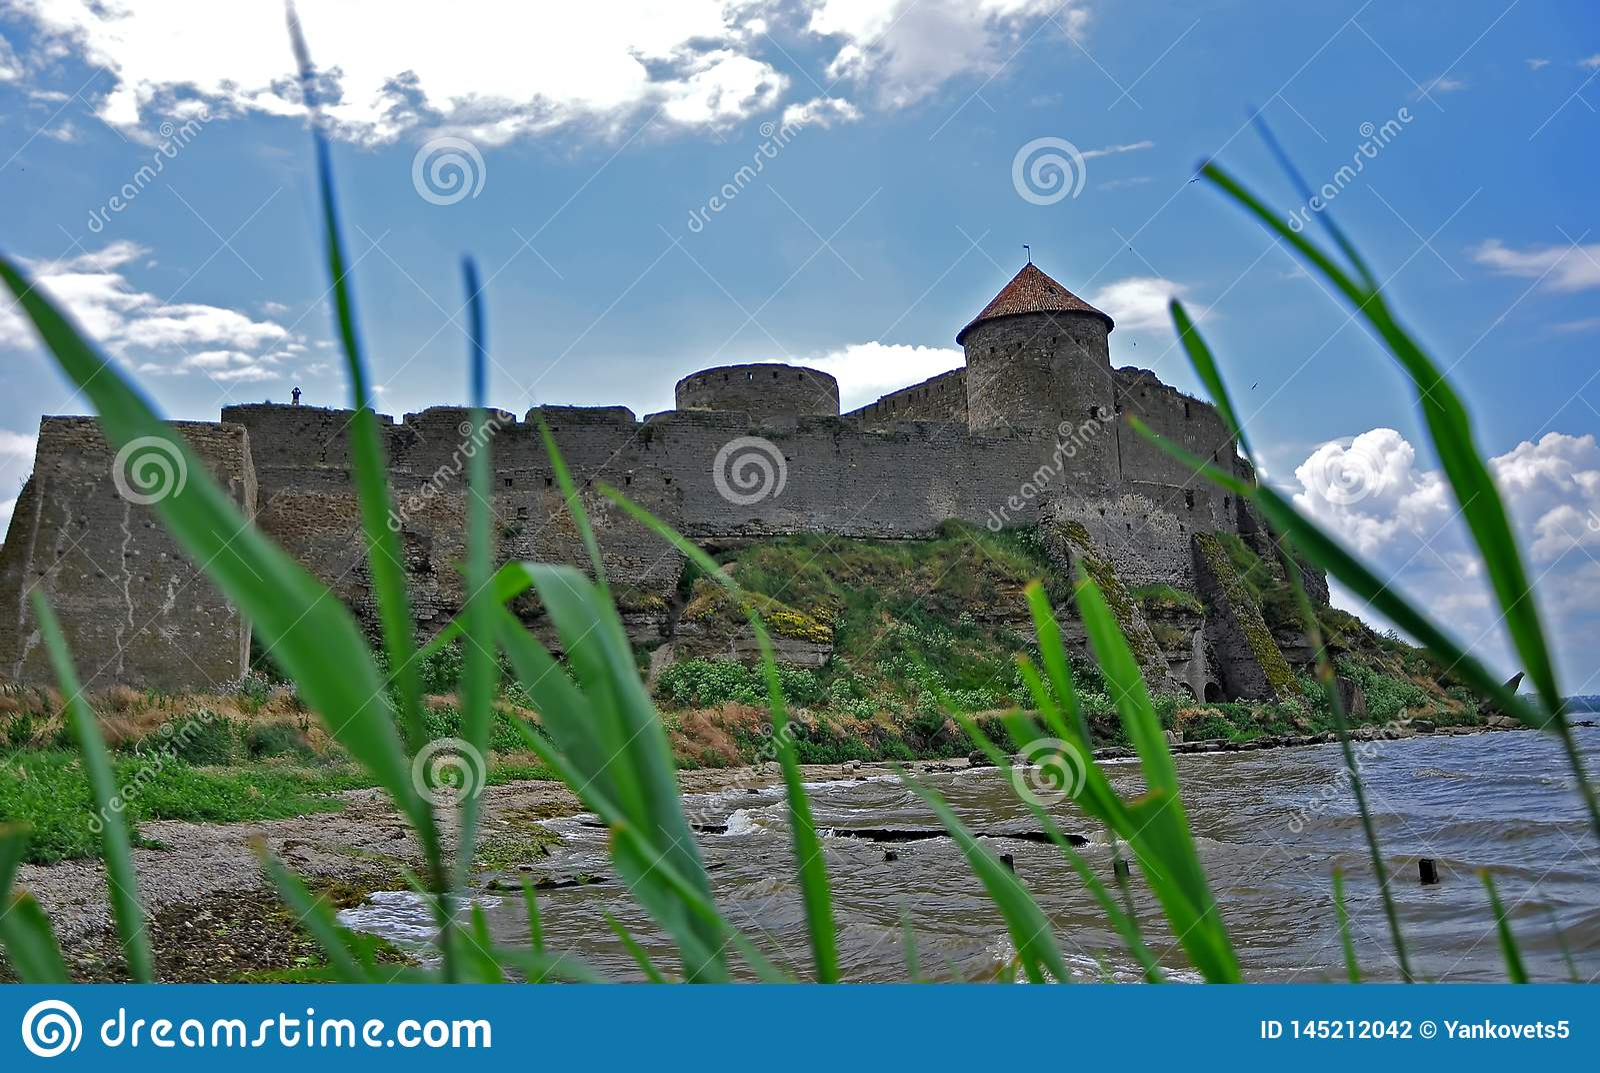 De reusachtige steenmuren van de oude Akkerman-vesting, belgorod-Dniester, het gebied van Odessa